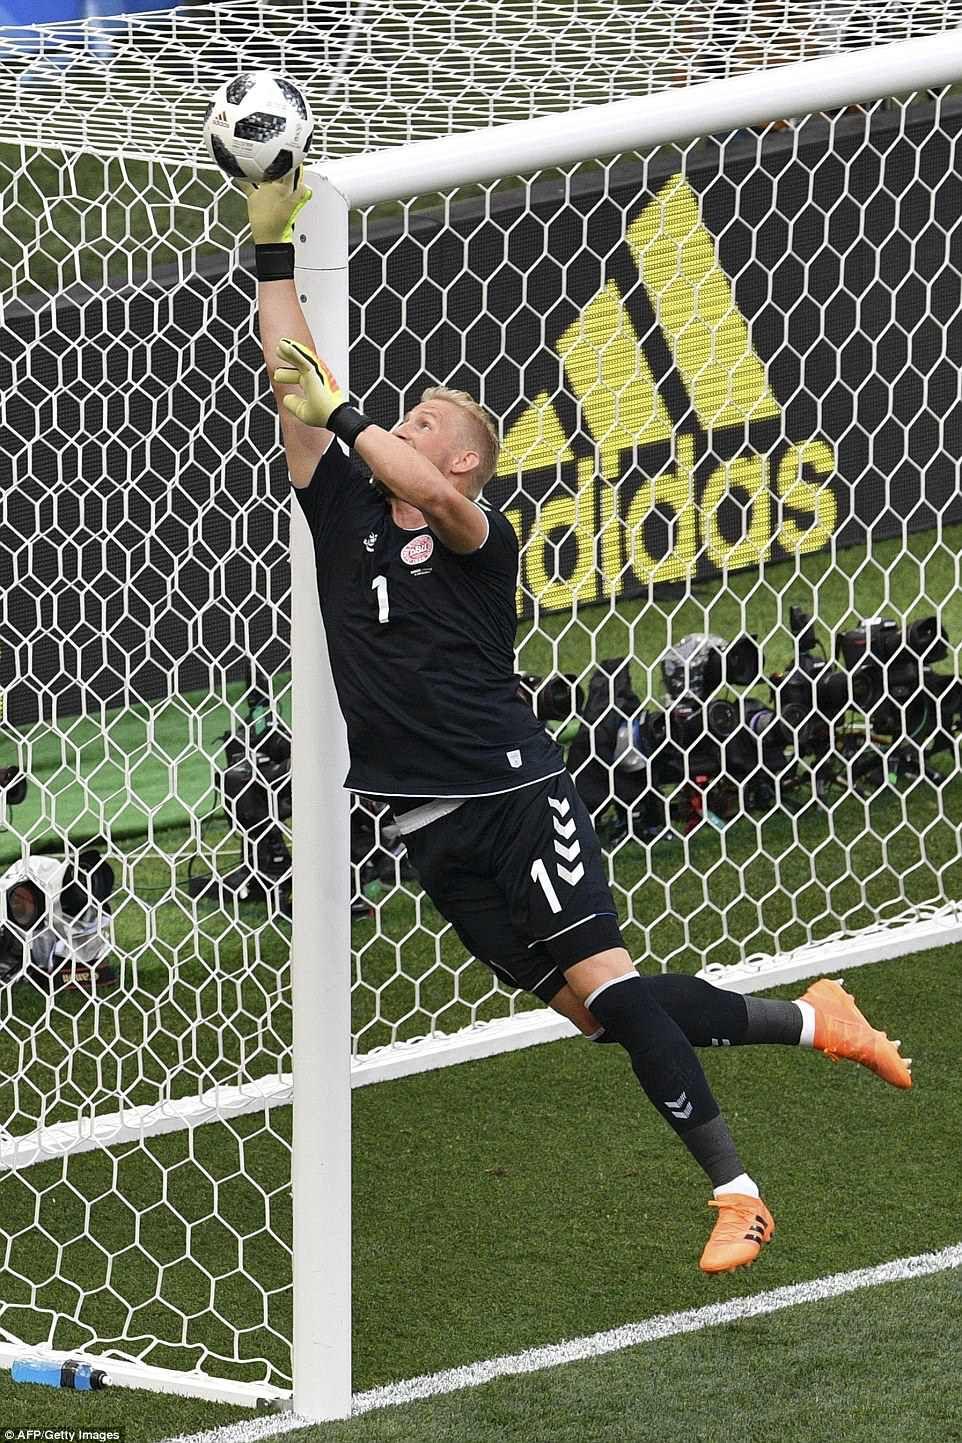 dinamarca copa del mundo 2018